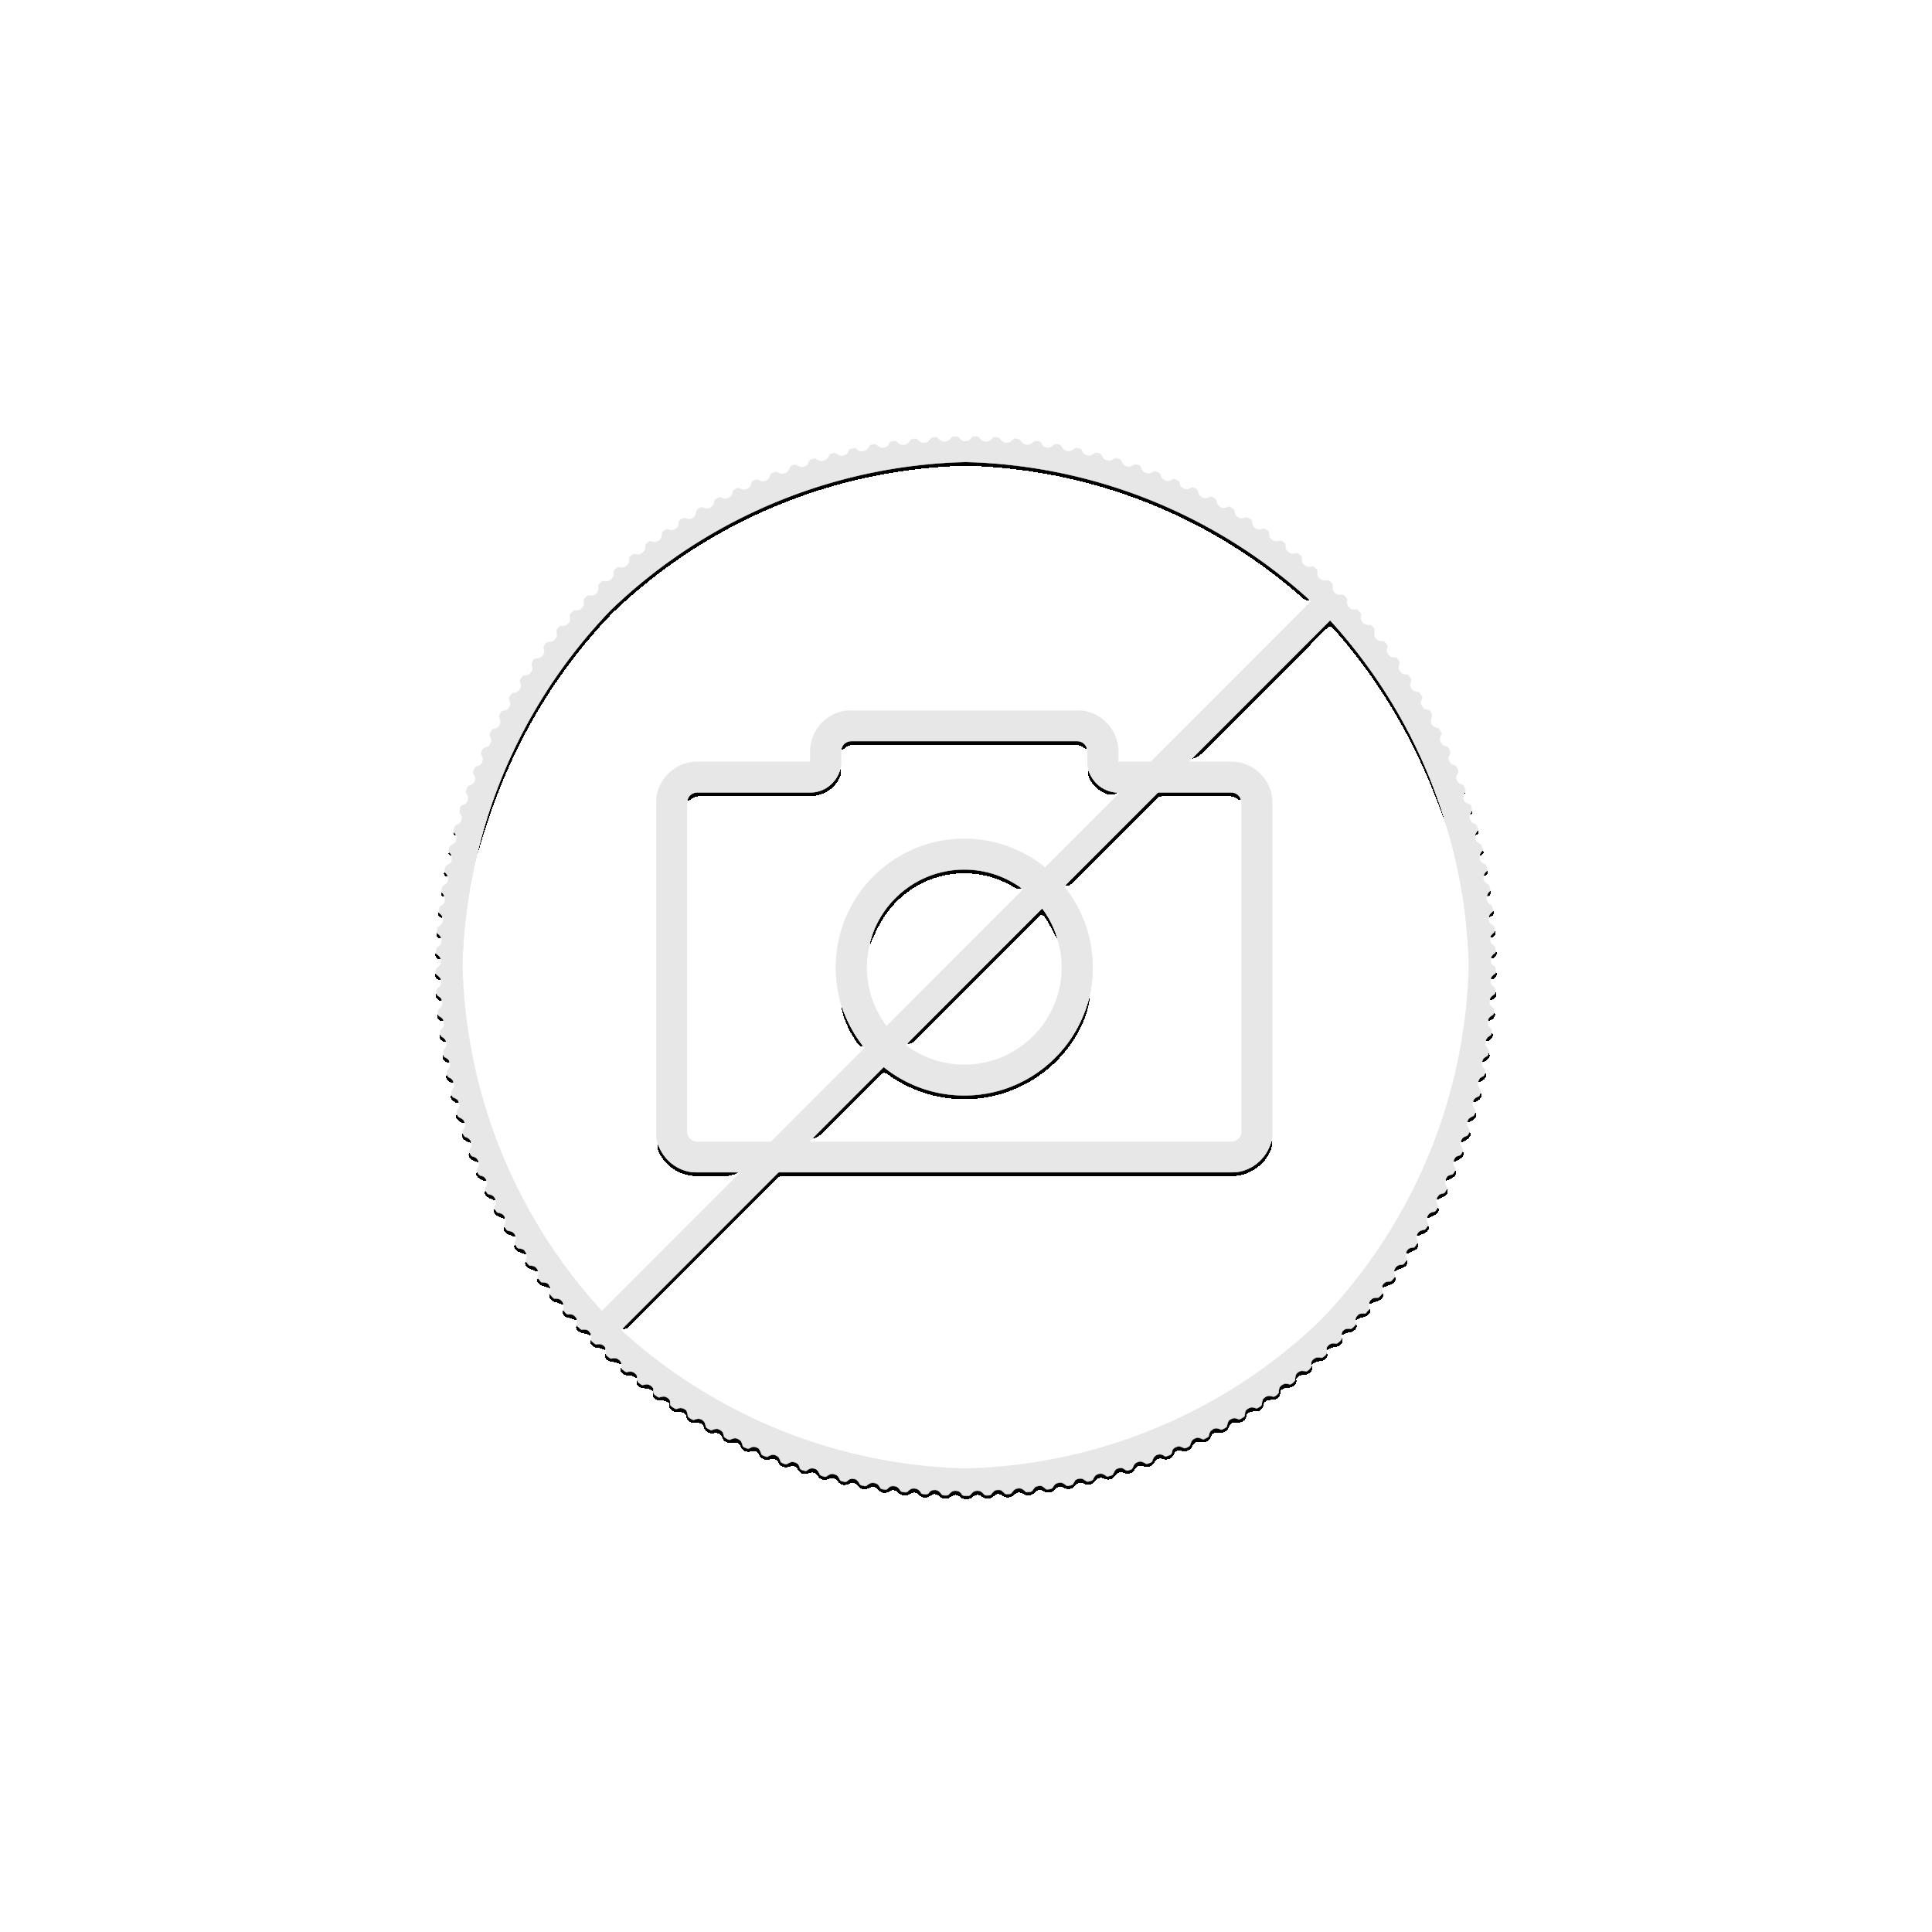 1 troy ounce zilveren Maple Leaf 2020